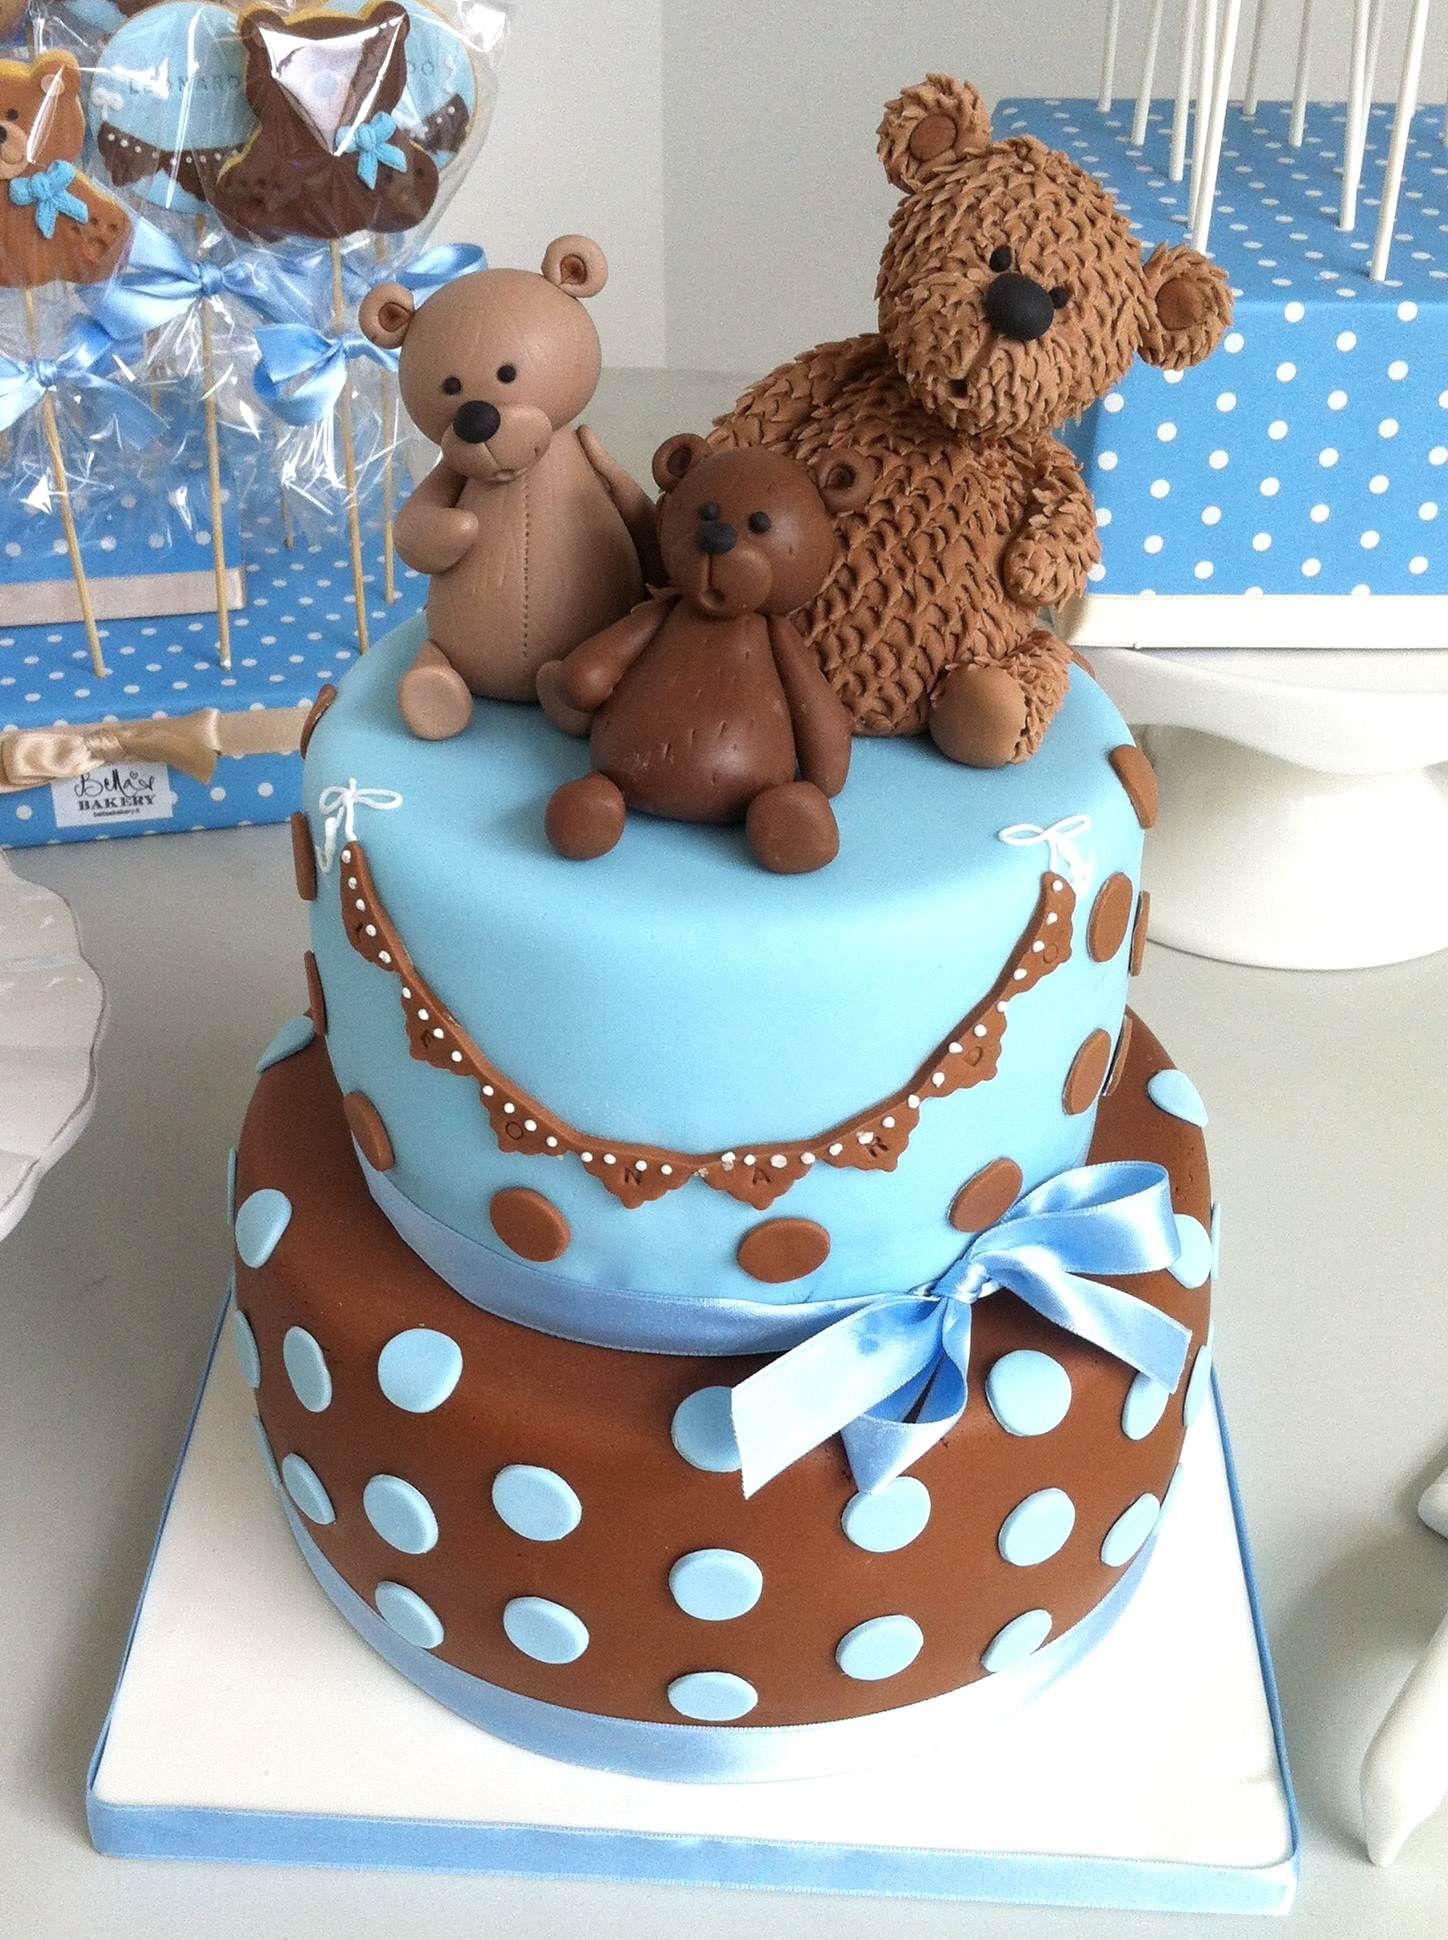 baby shower cakes teddy bear cakes teddy bear themes cute teddy bears